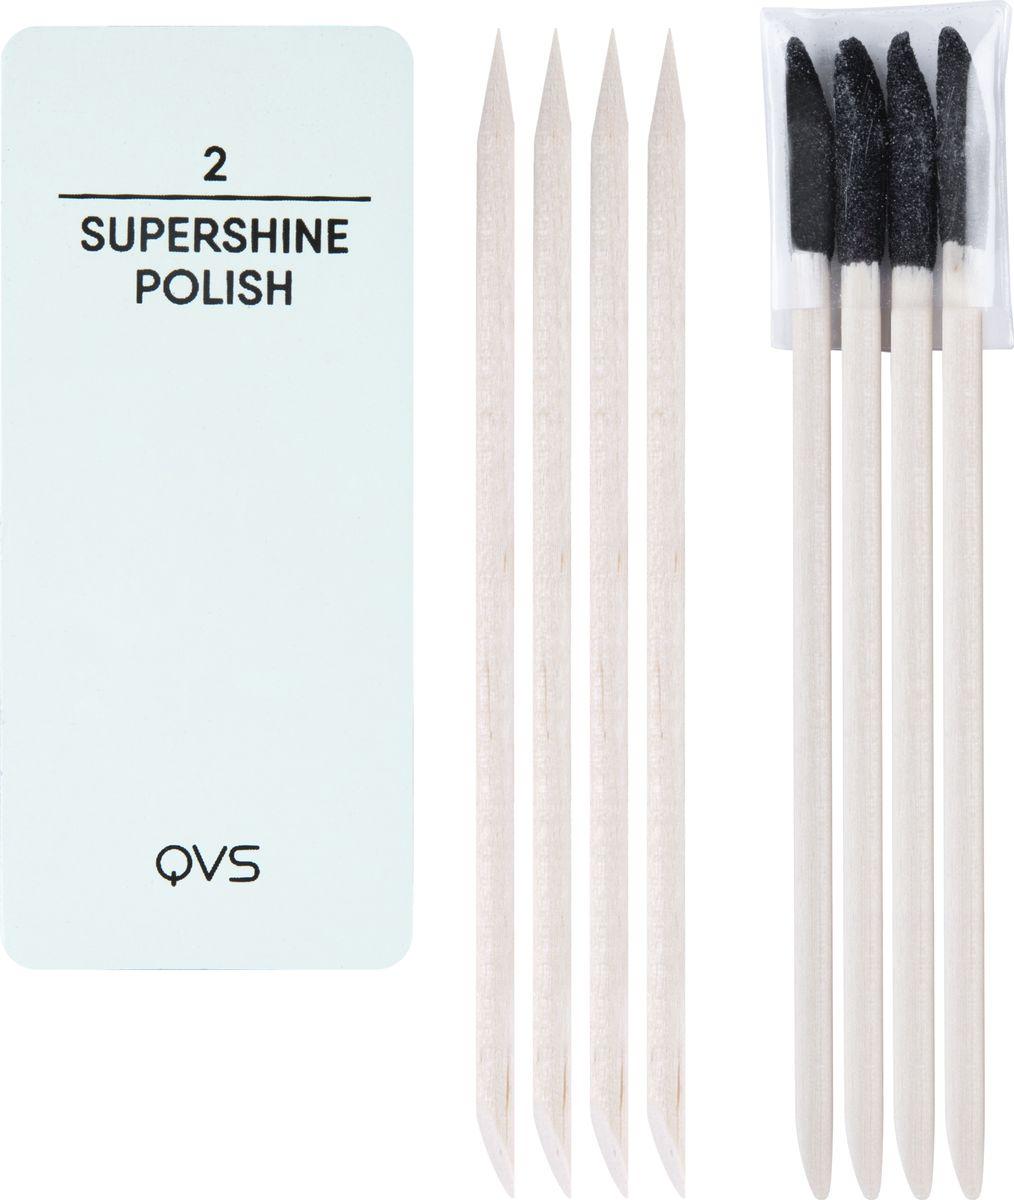 QVS Набор для ухода за ногтями и кутикулой (мини-баф/полировка, палочки для кутикулы). 82-10-1679 qvs палочки для кутикулы из натурального дерева 10 шт